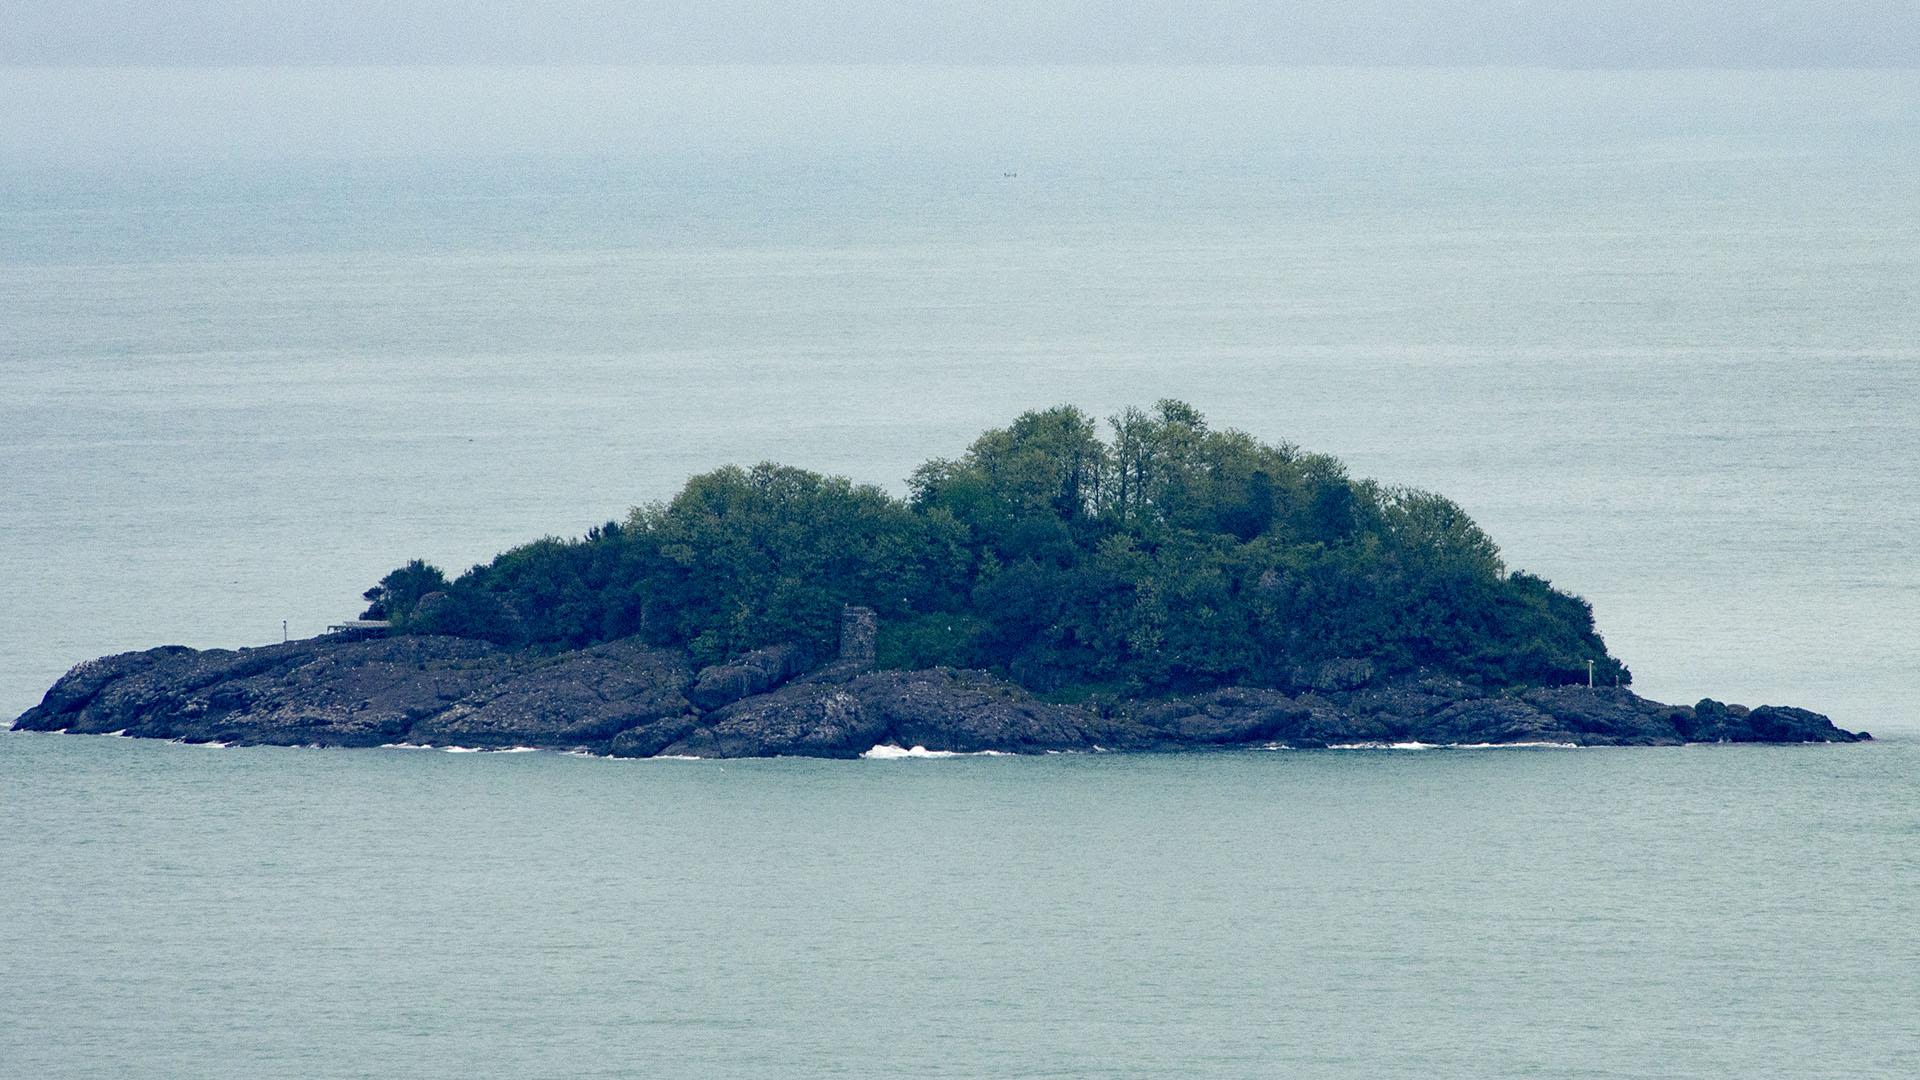 La isla de Giresun, Areitas